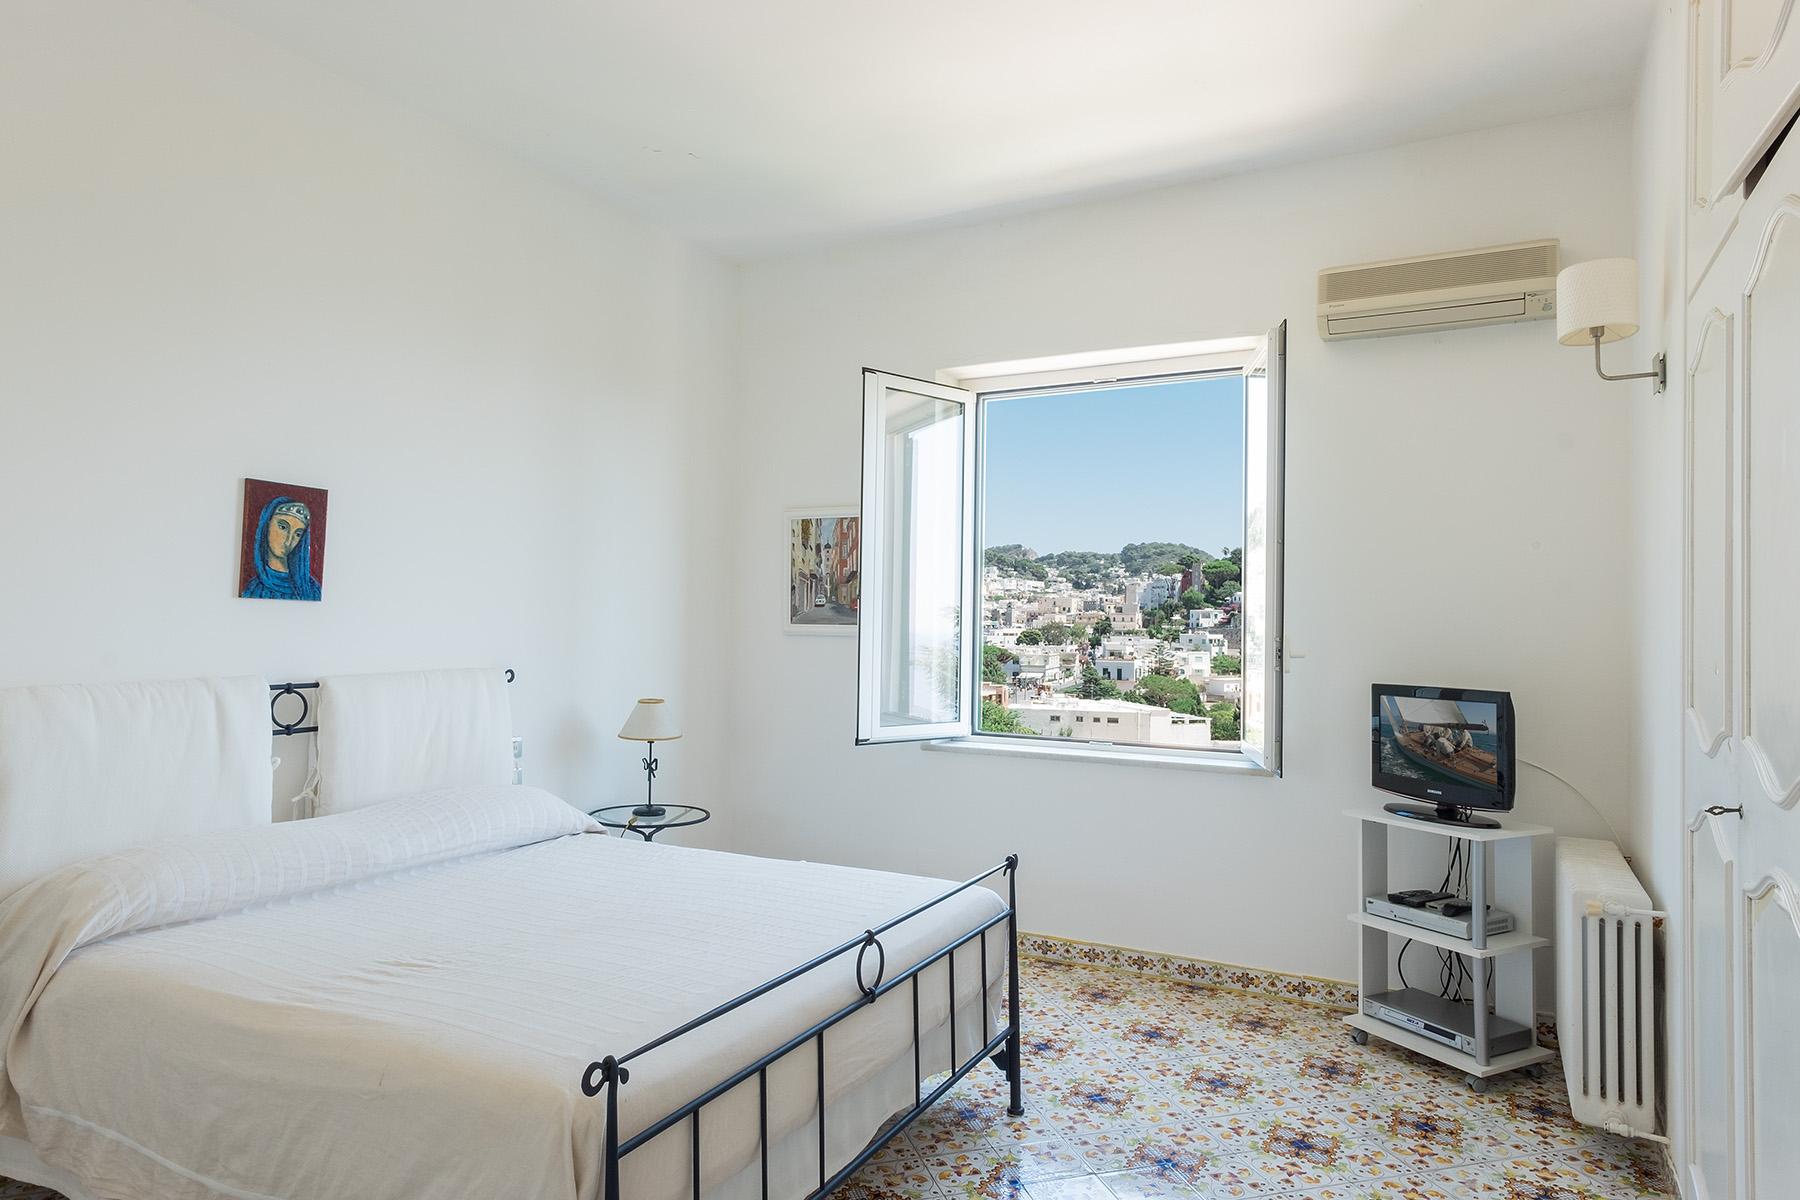 Villa in Vendita a Capri: 5 locali, 200 mq - Foto 12